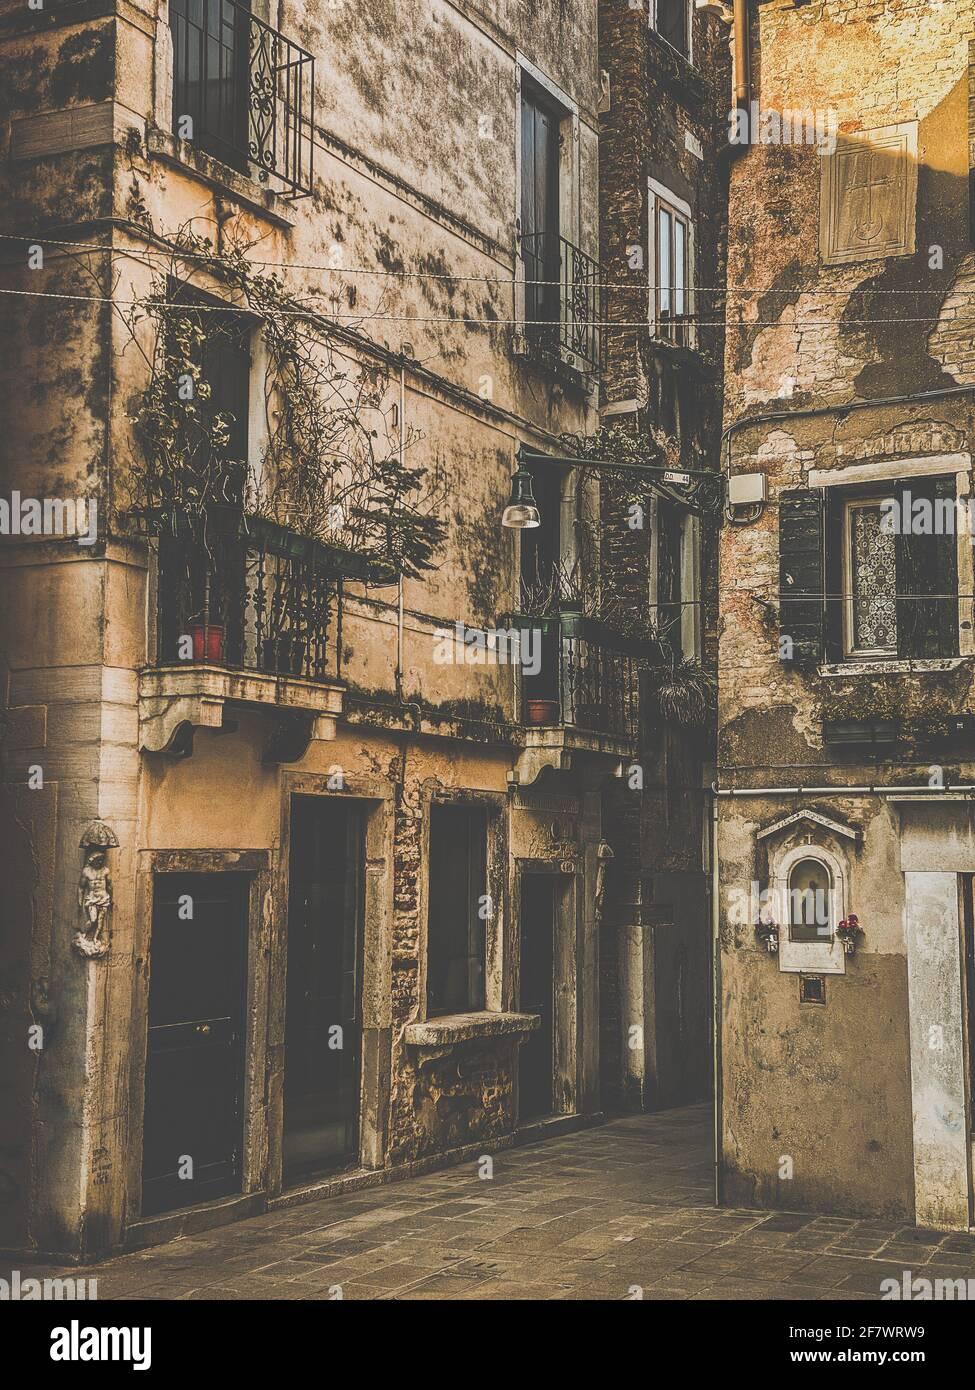 Calle vieja en Venecia, Italia, Vintage filtrado Foto de stock